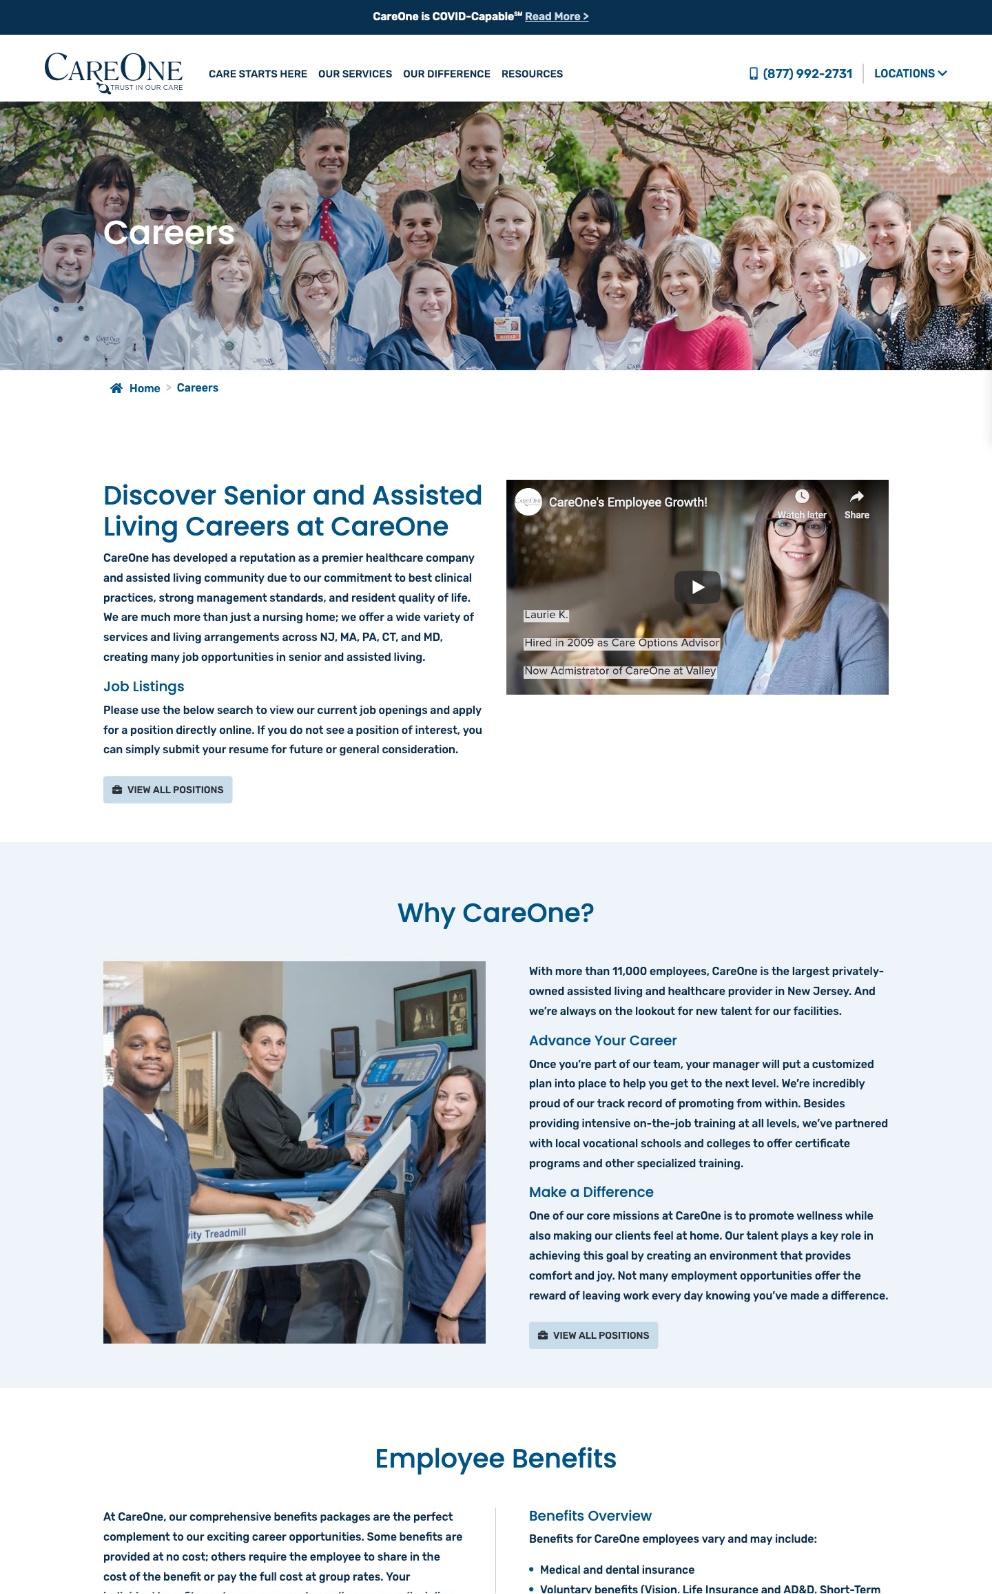 CO-website2